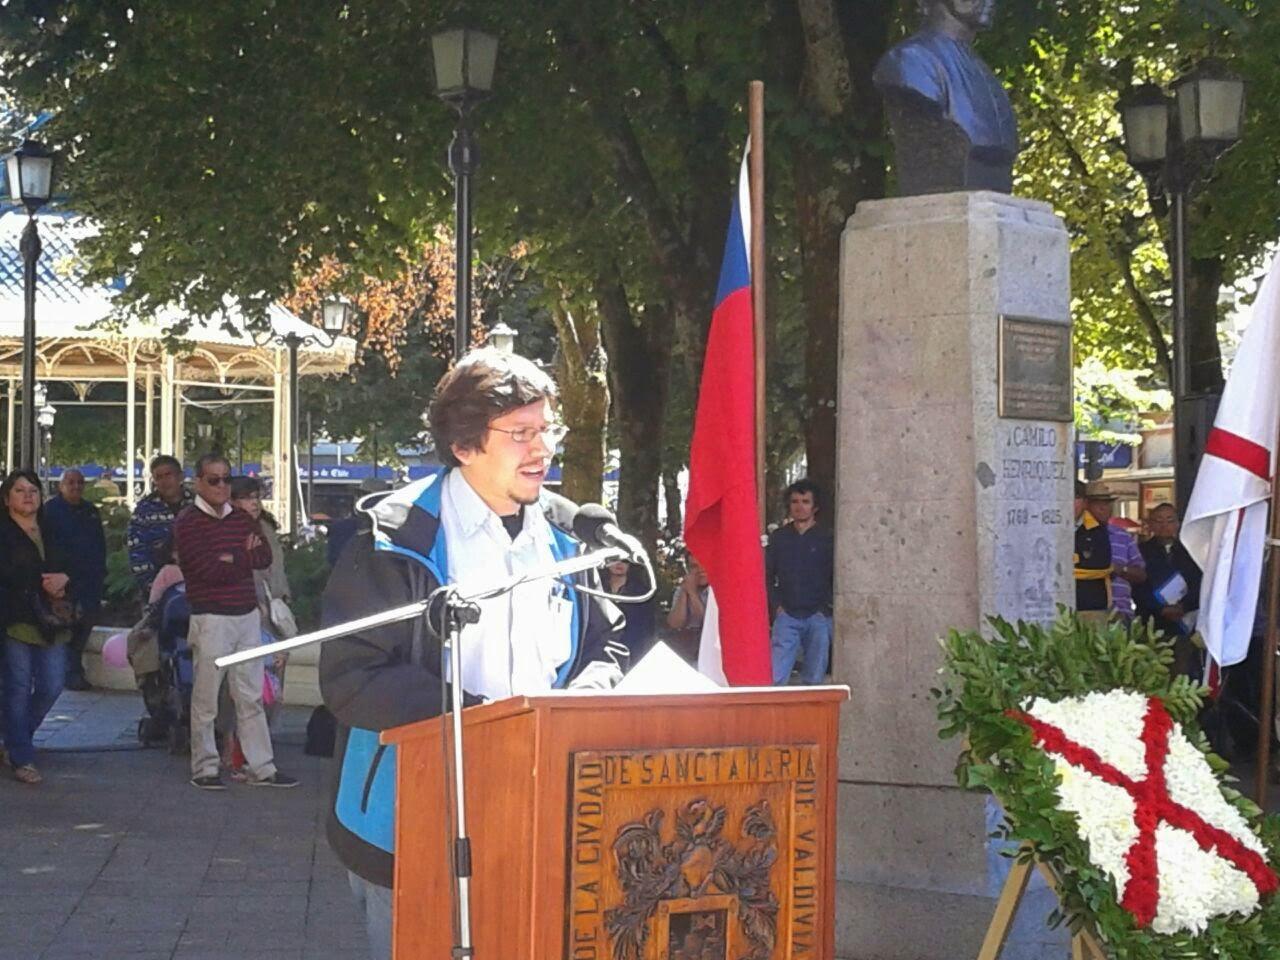 Discurso Patricio Segura Ortiz, 2º Vicepresidente Colegio de Periodistas durante conmemoración de Día de la Prensa en Valdivia